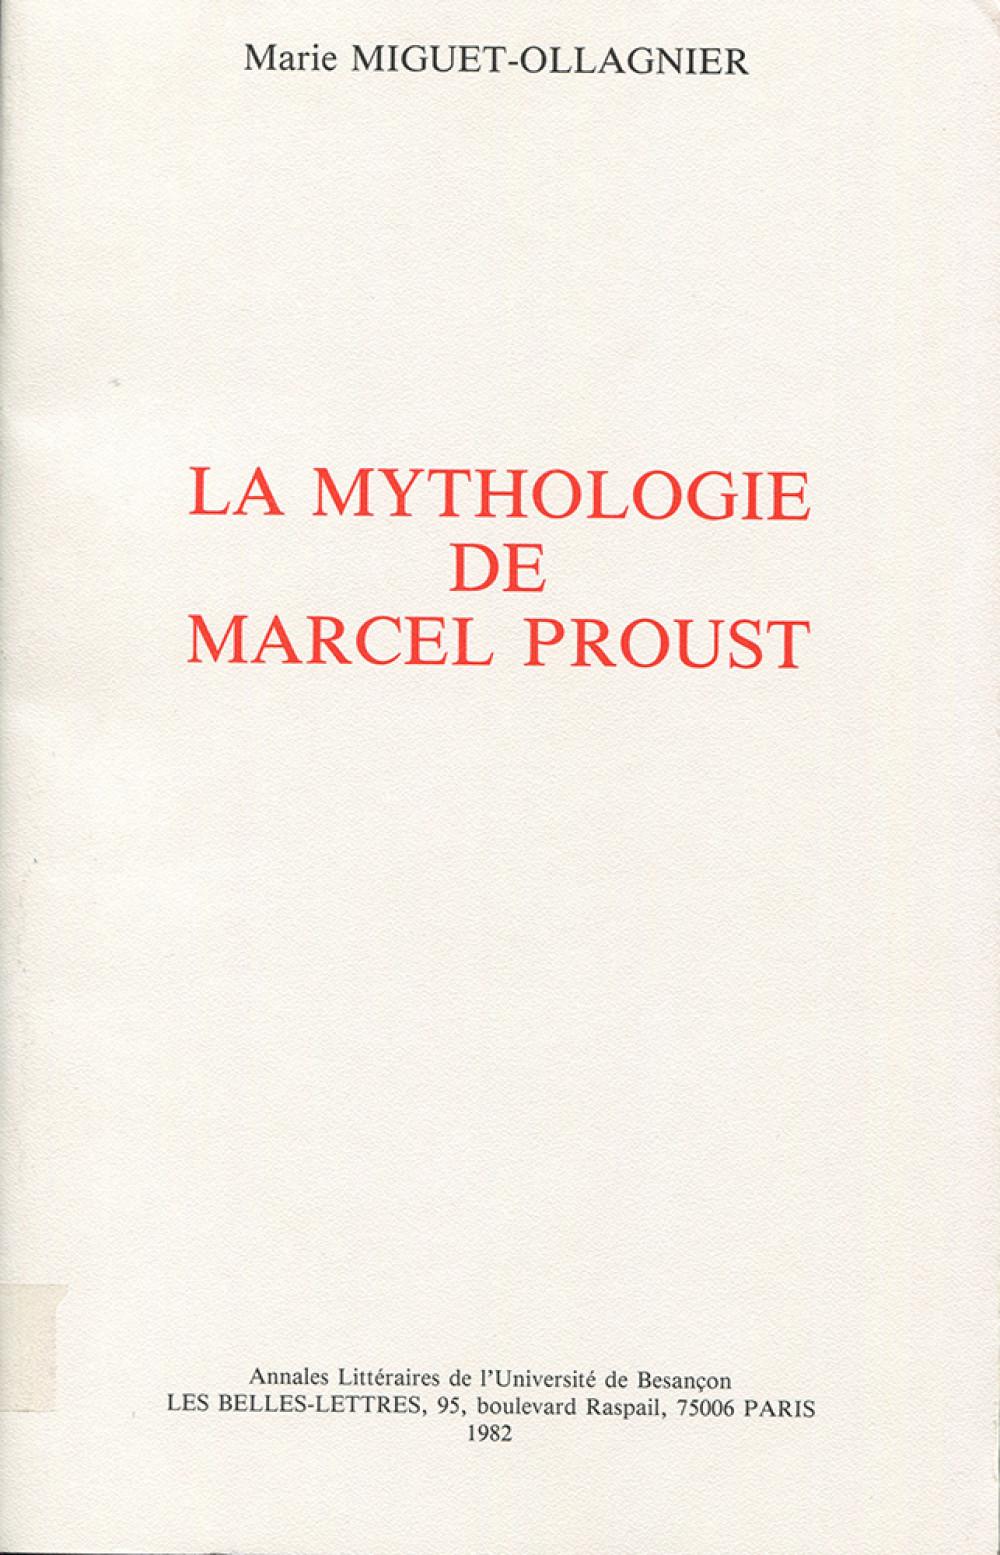 La mythologie de Marcel Proust